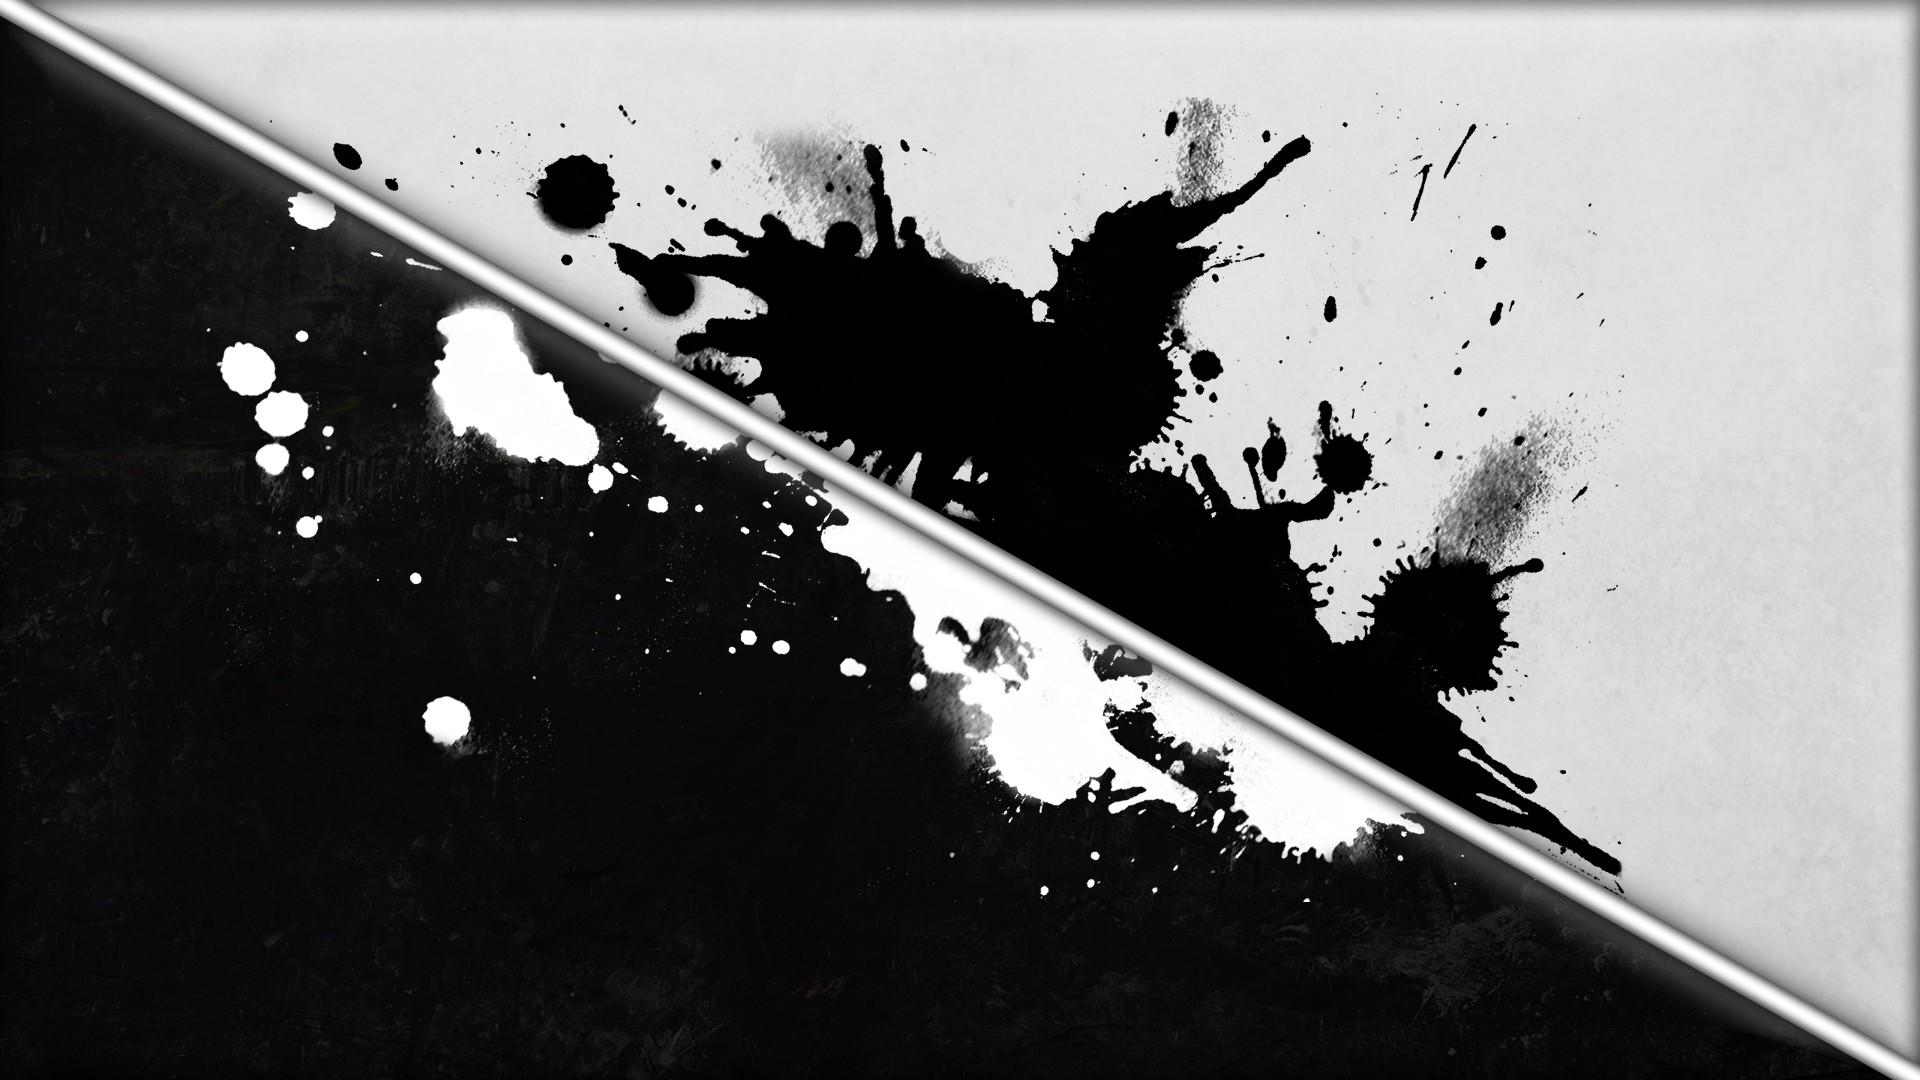 Wallpaper Digital Art Abstract Water Sky Artwork Grunge